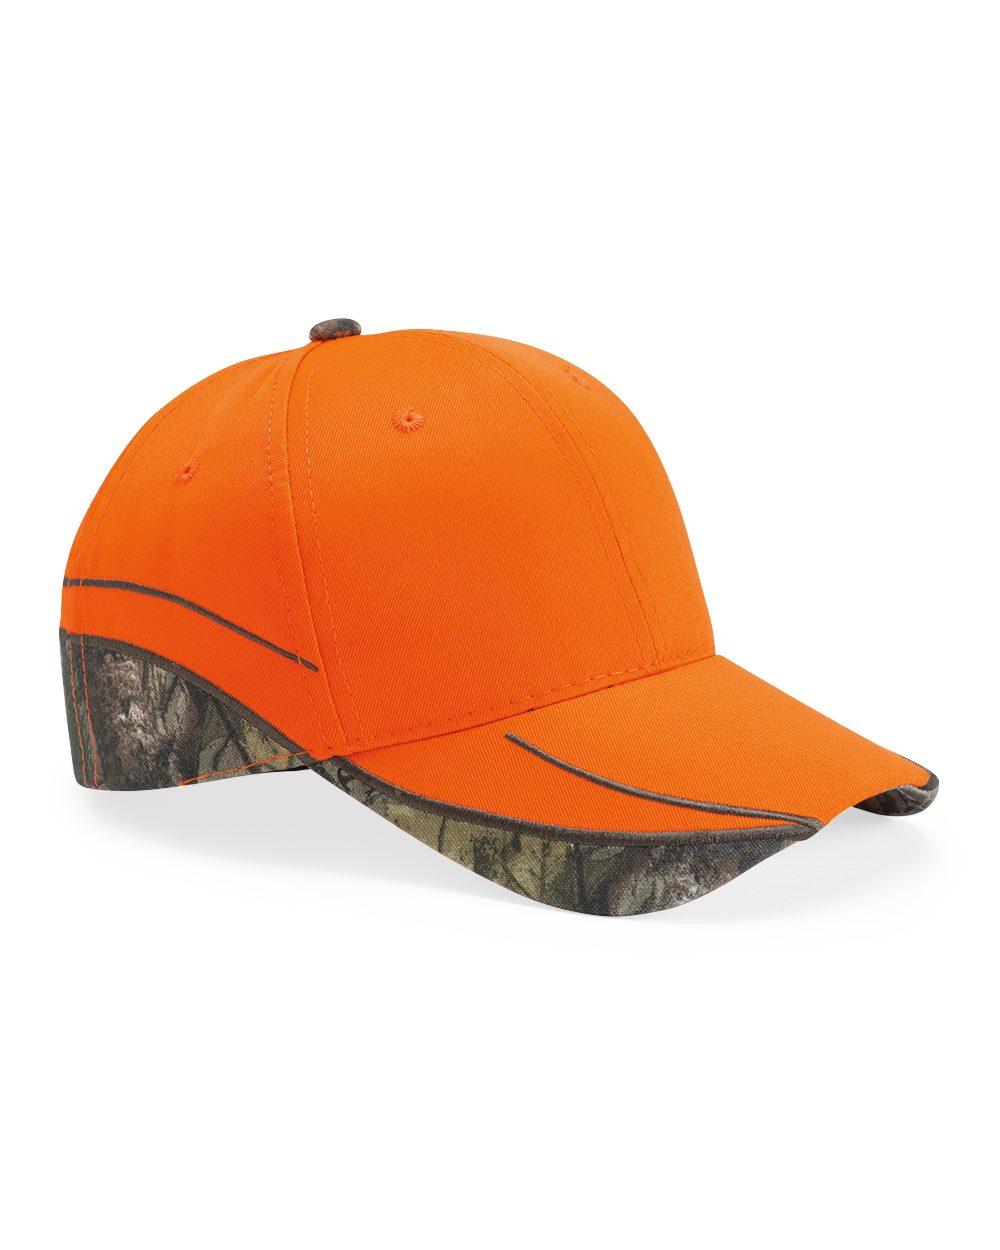 Outdoor Cap BLZ615 - Blaze Cap With Camo Trim